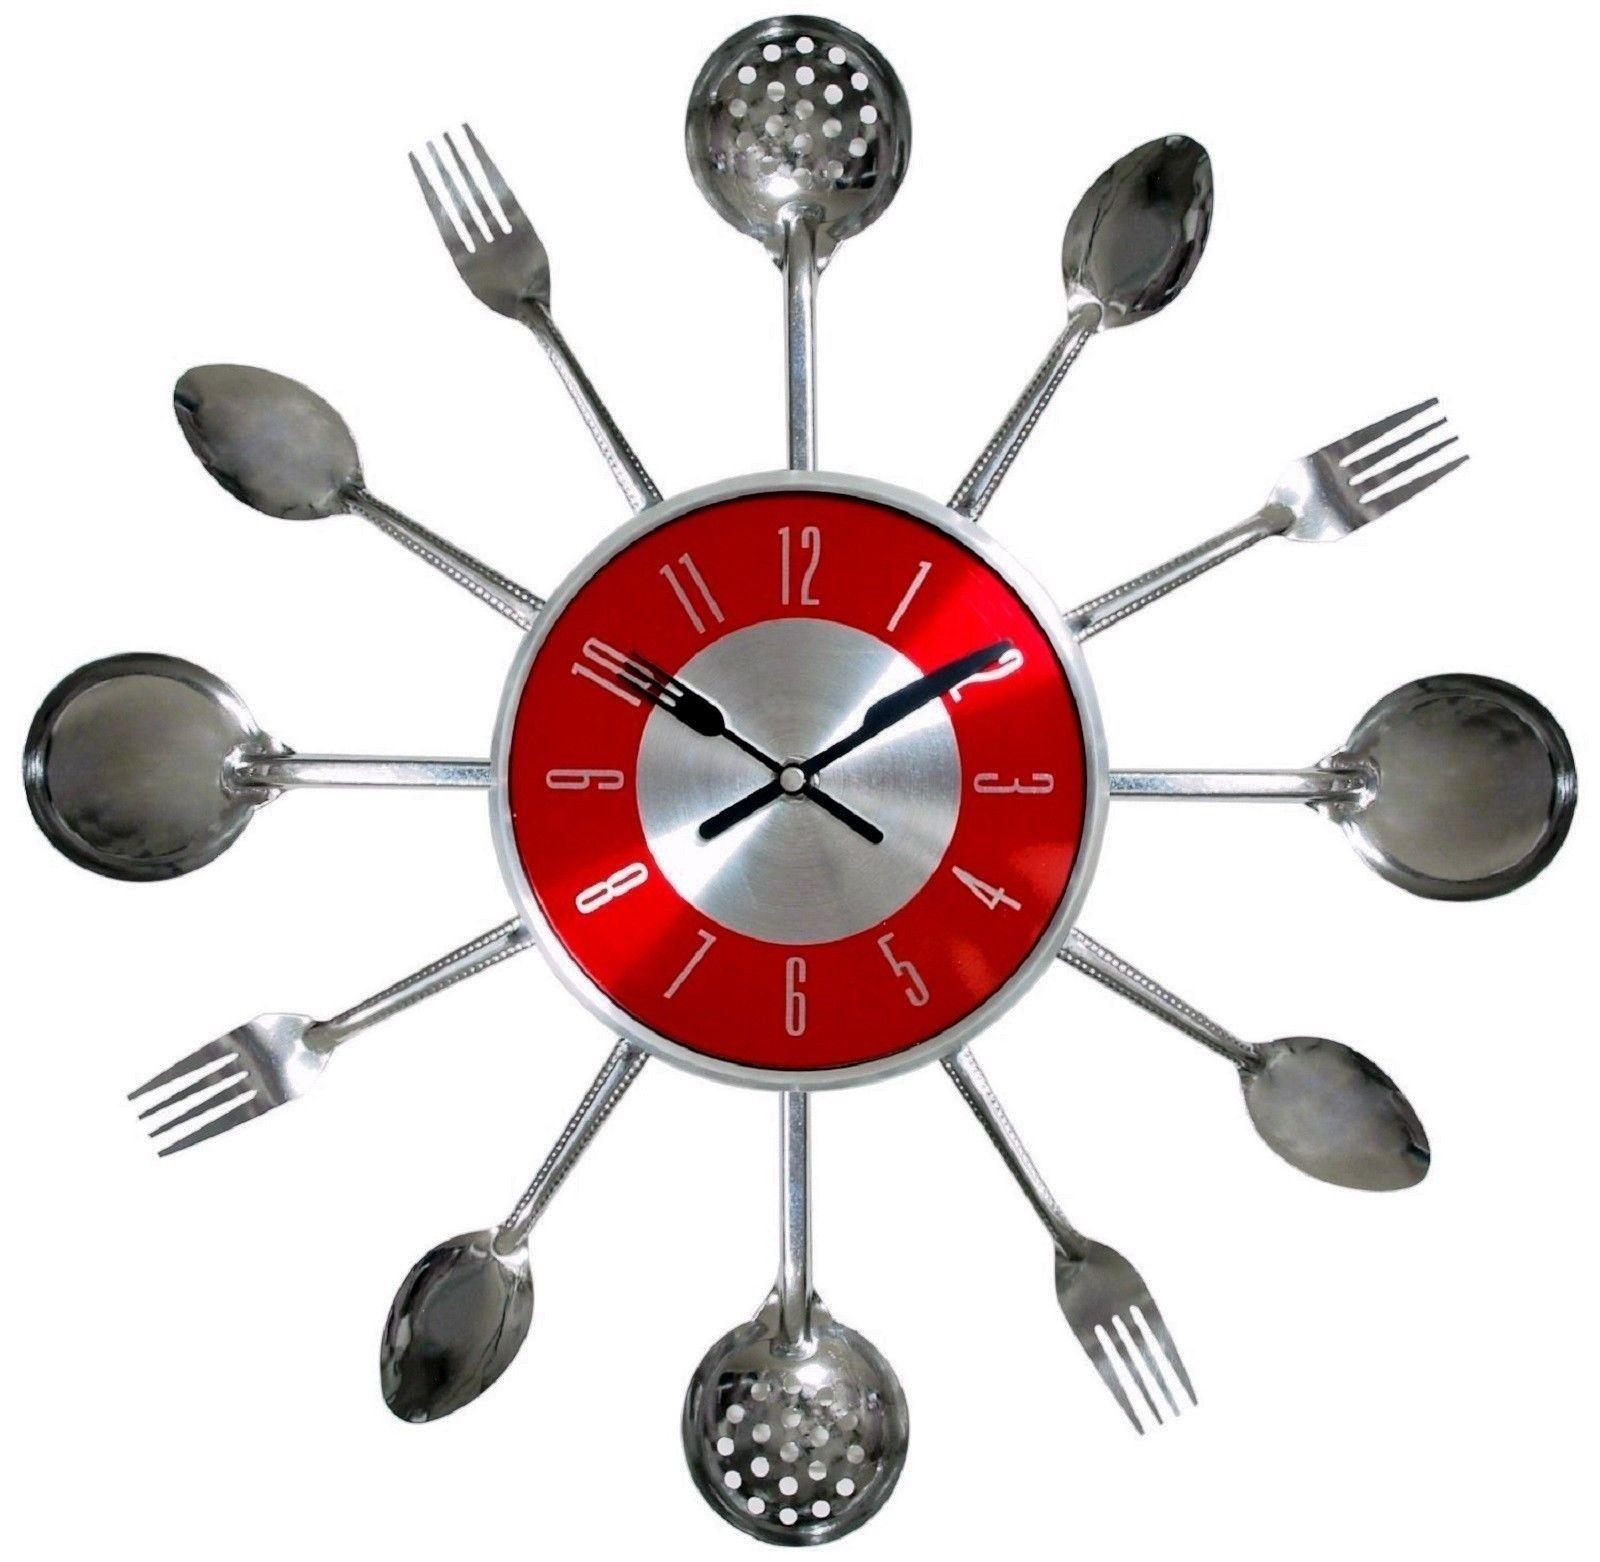 RETRO Spoon Fork Kitchen Utensils 17\